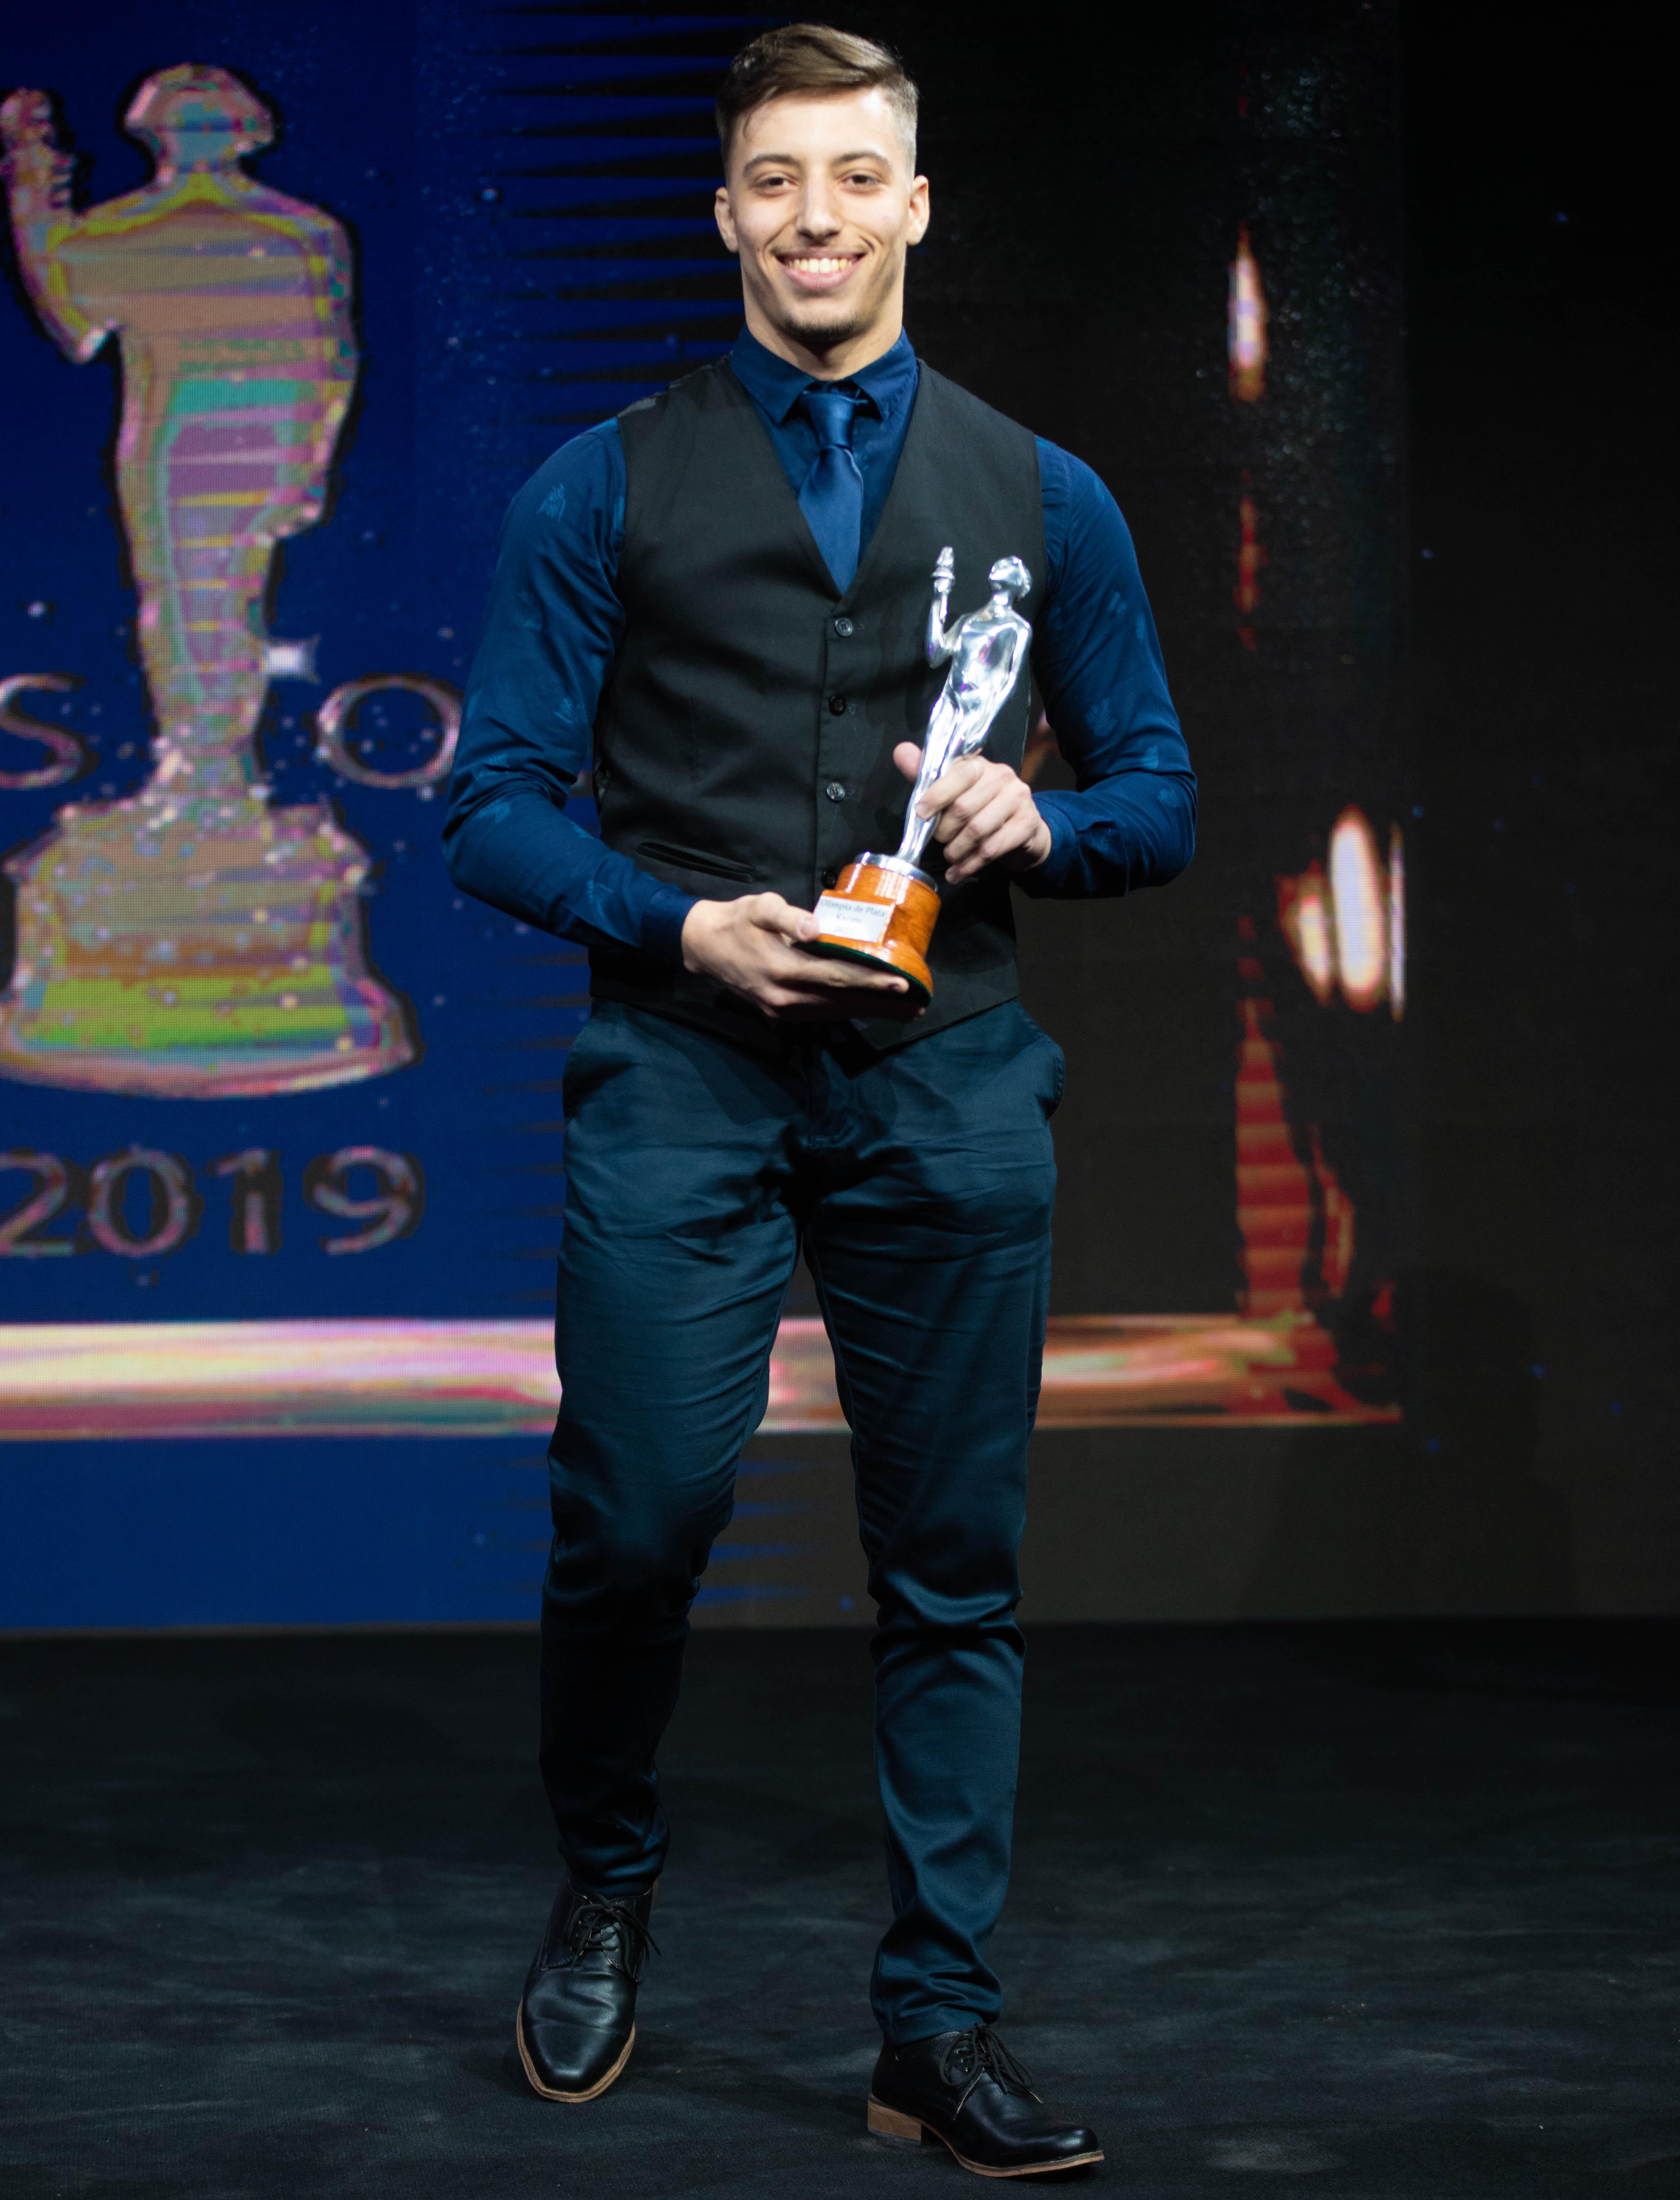 Luca Impagnatiello se adjudicó el premio en karate.